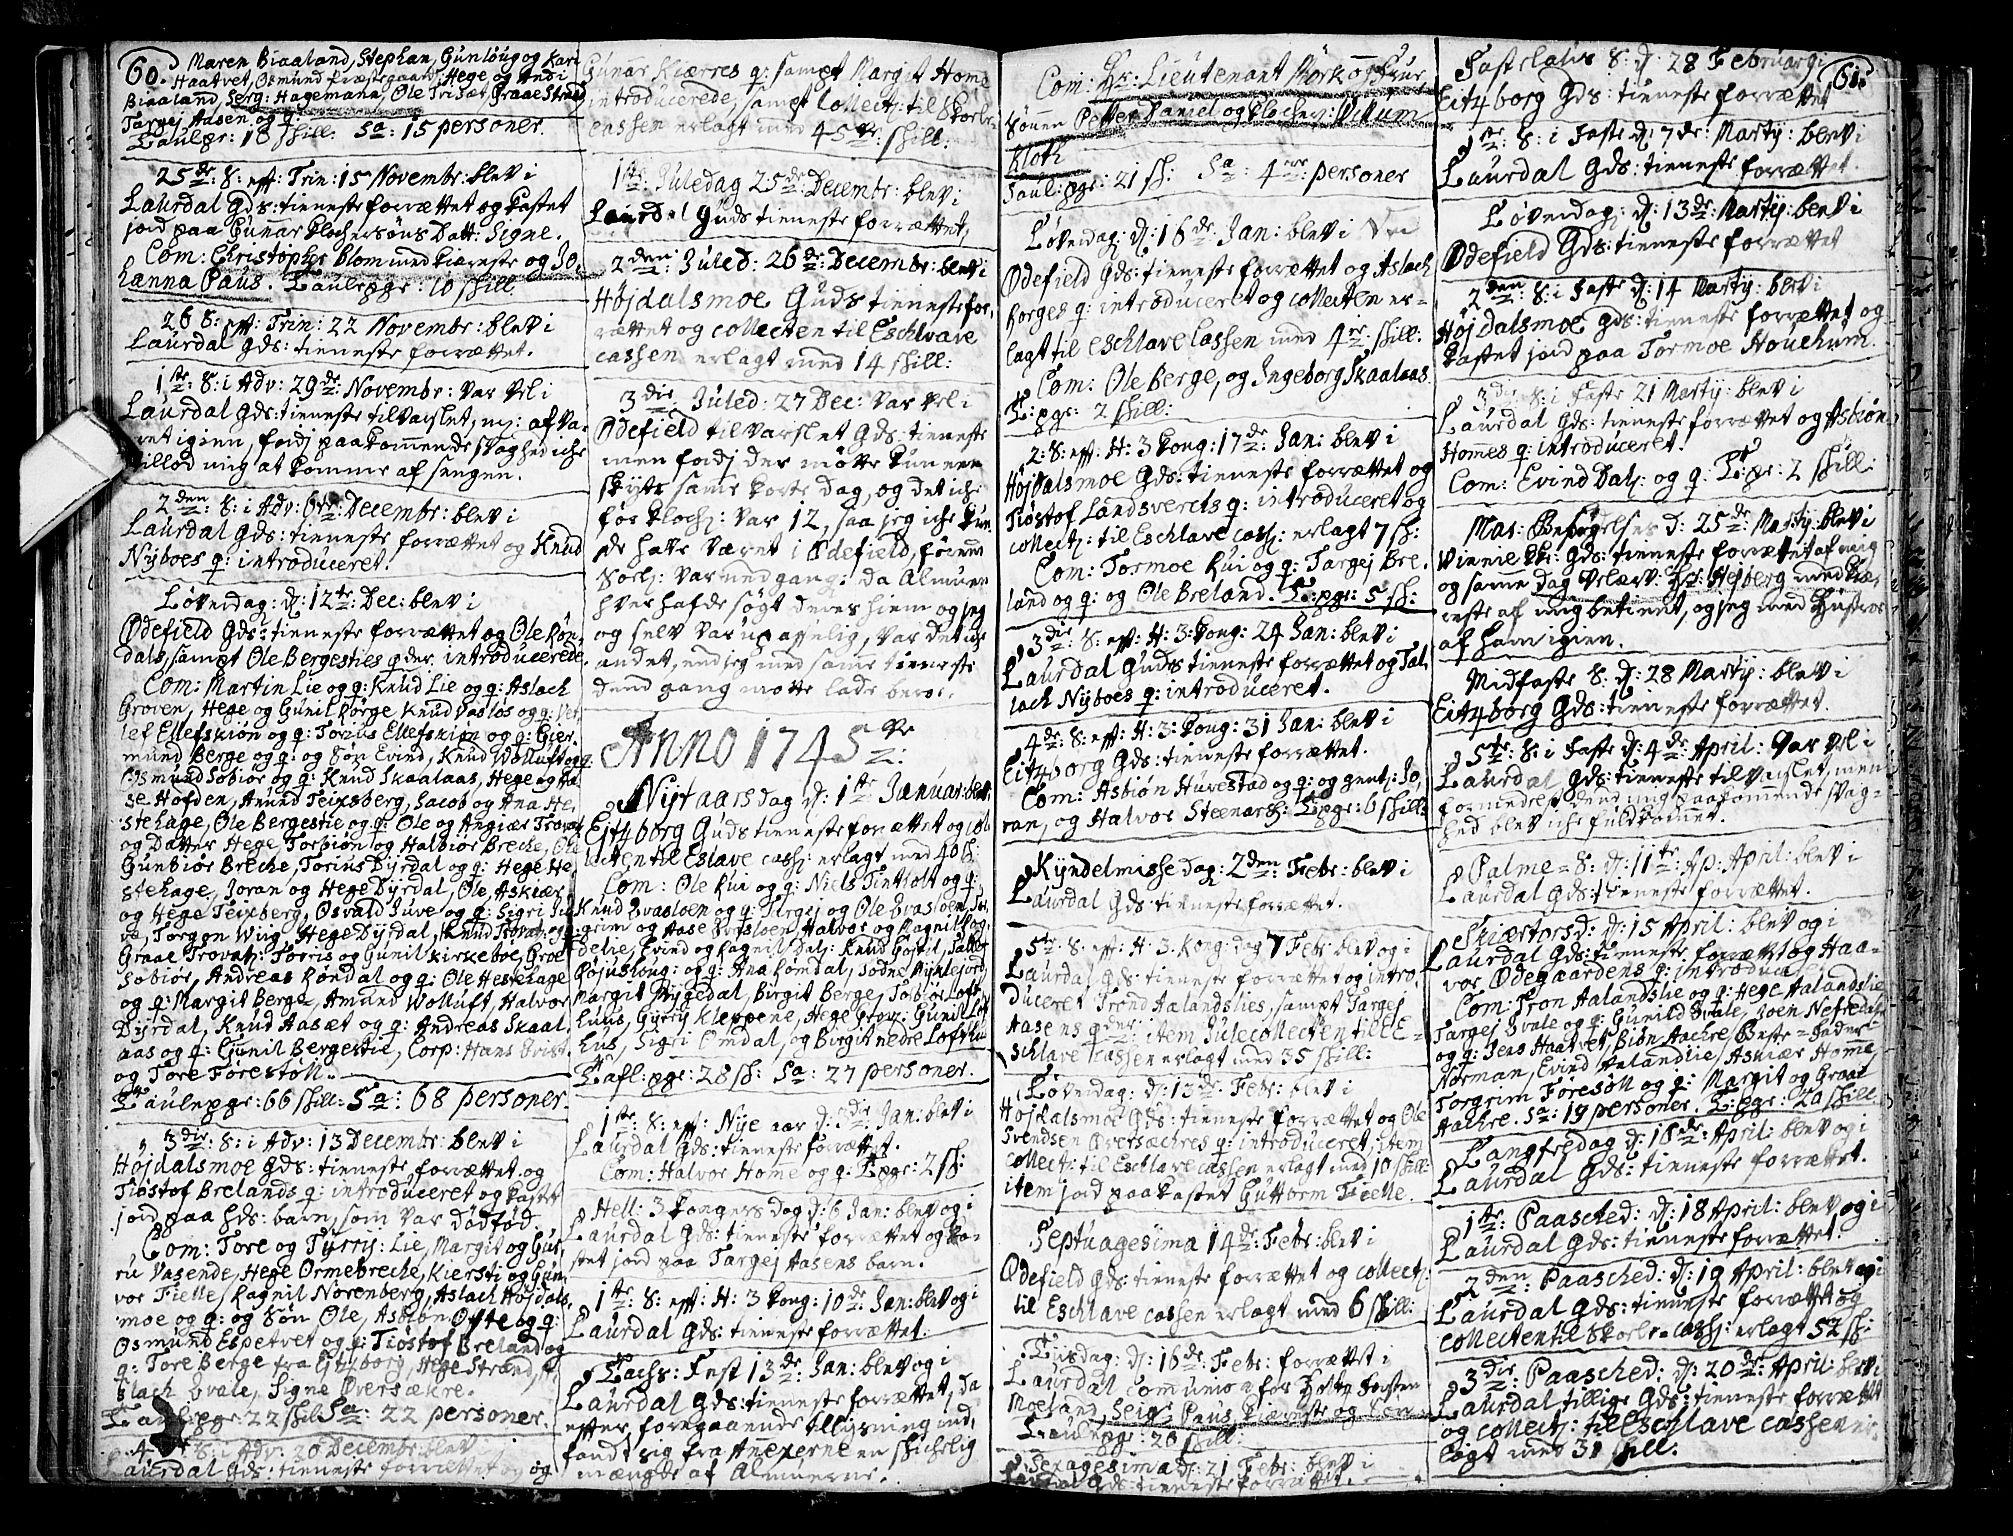 SAKO, Lårdal kirkebøker, F/Fa/L0002: Ministerialbok nr. I 2, 1734-1754, s. 60-61